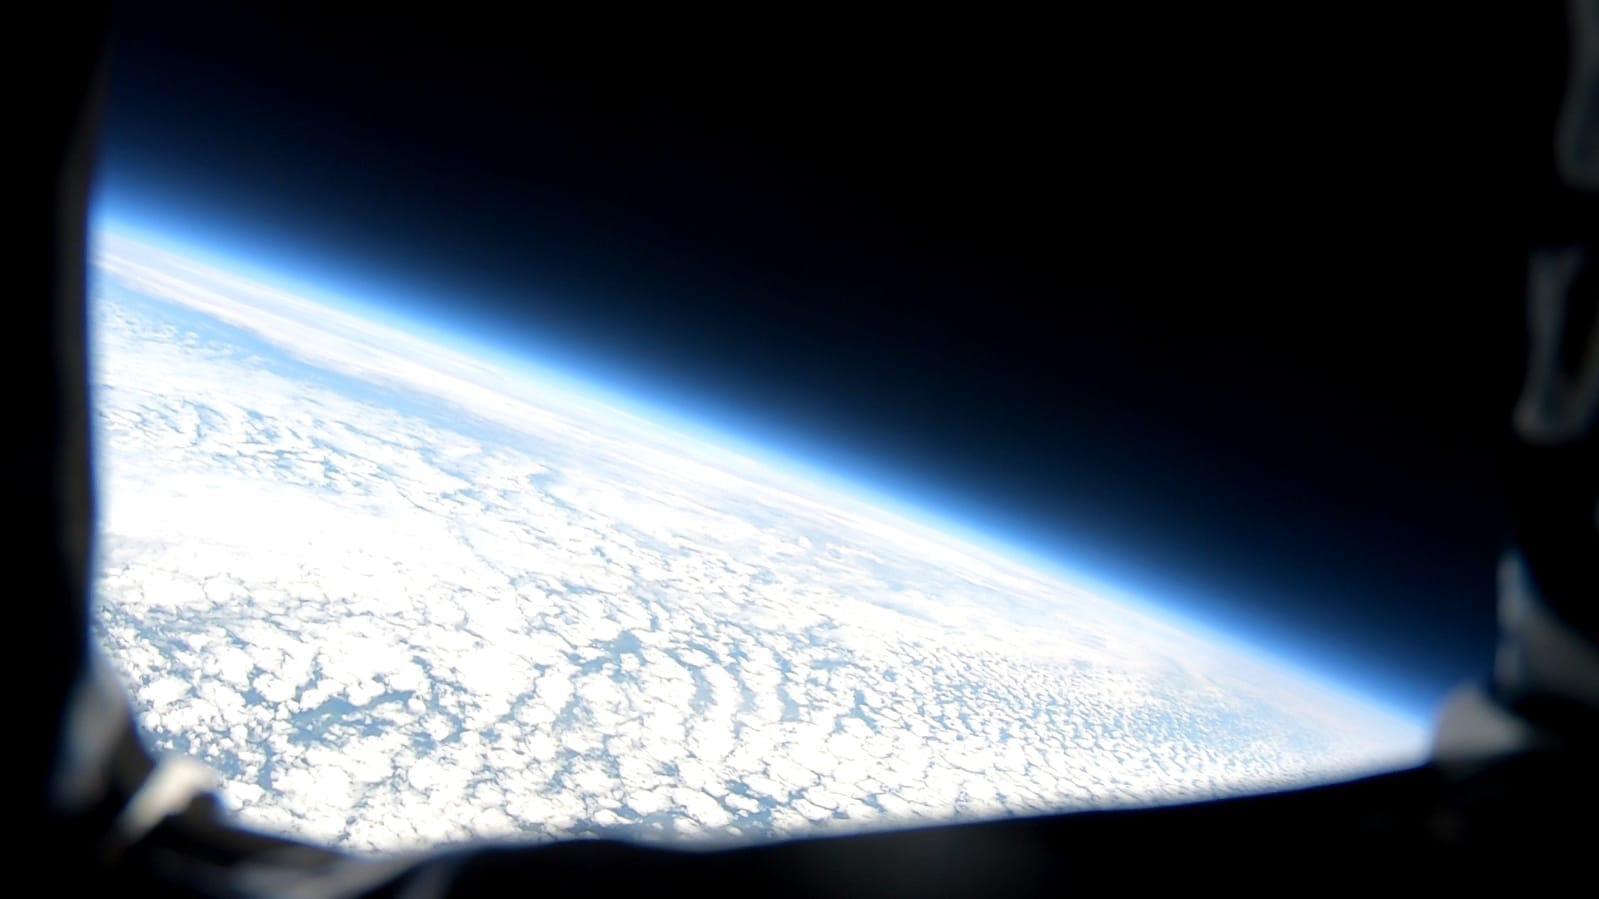 Wetterballon_Stratosphäre